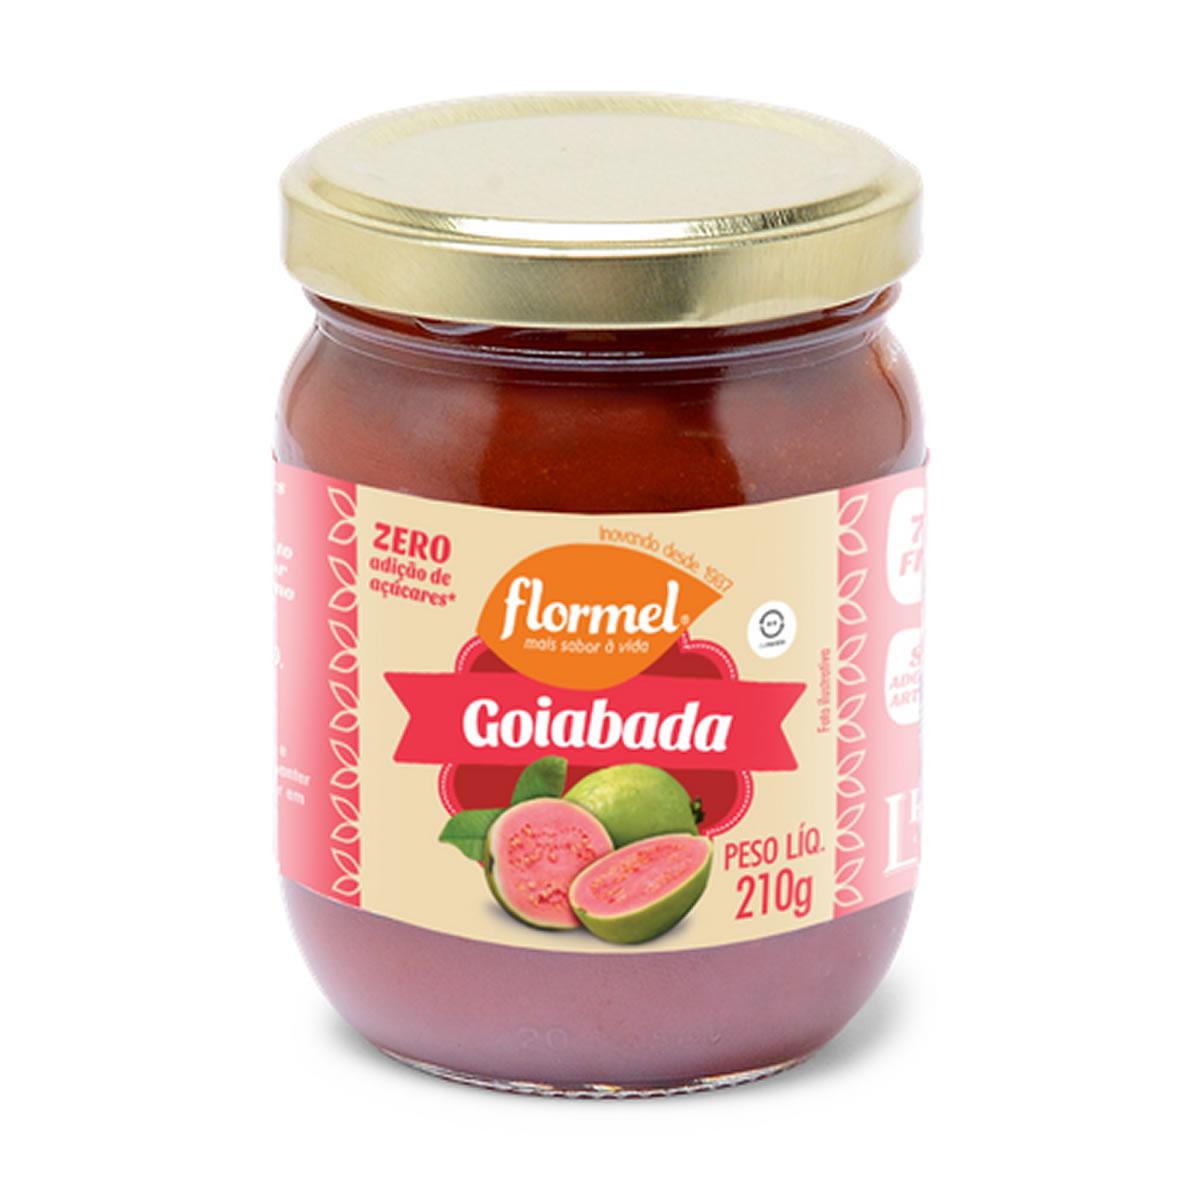 Goiabada Cremosa Zero 210g - Flormel